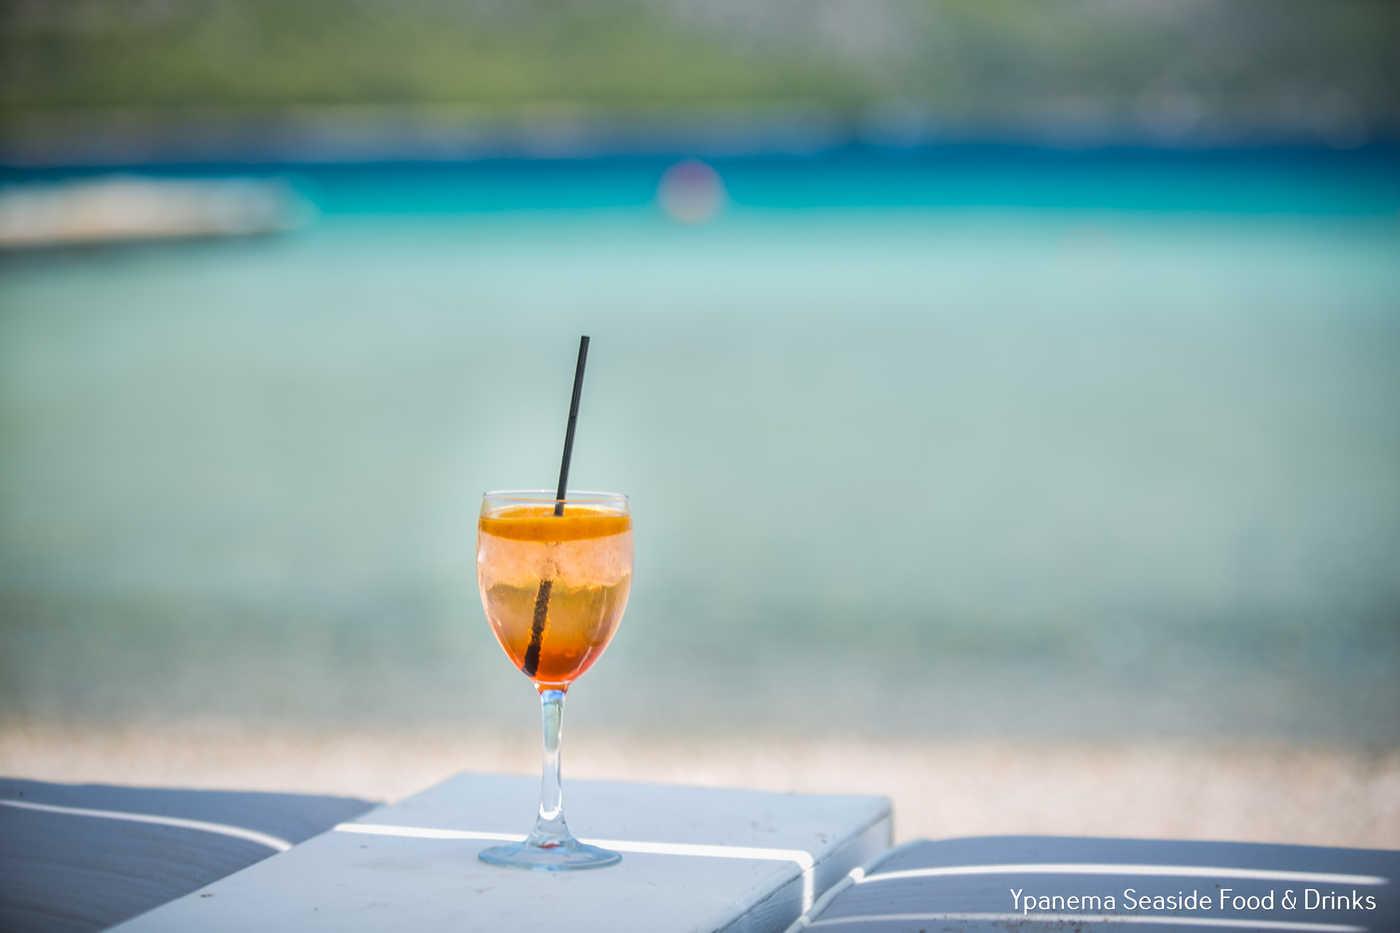 Ypanema Seaside Food & Drinks 6